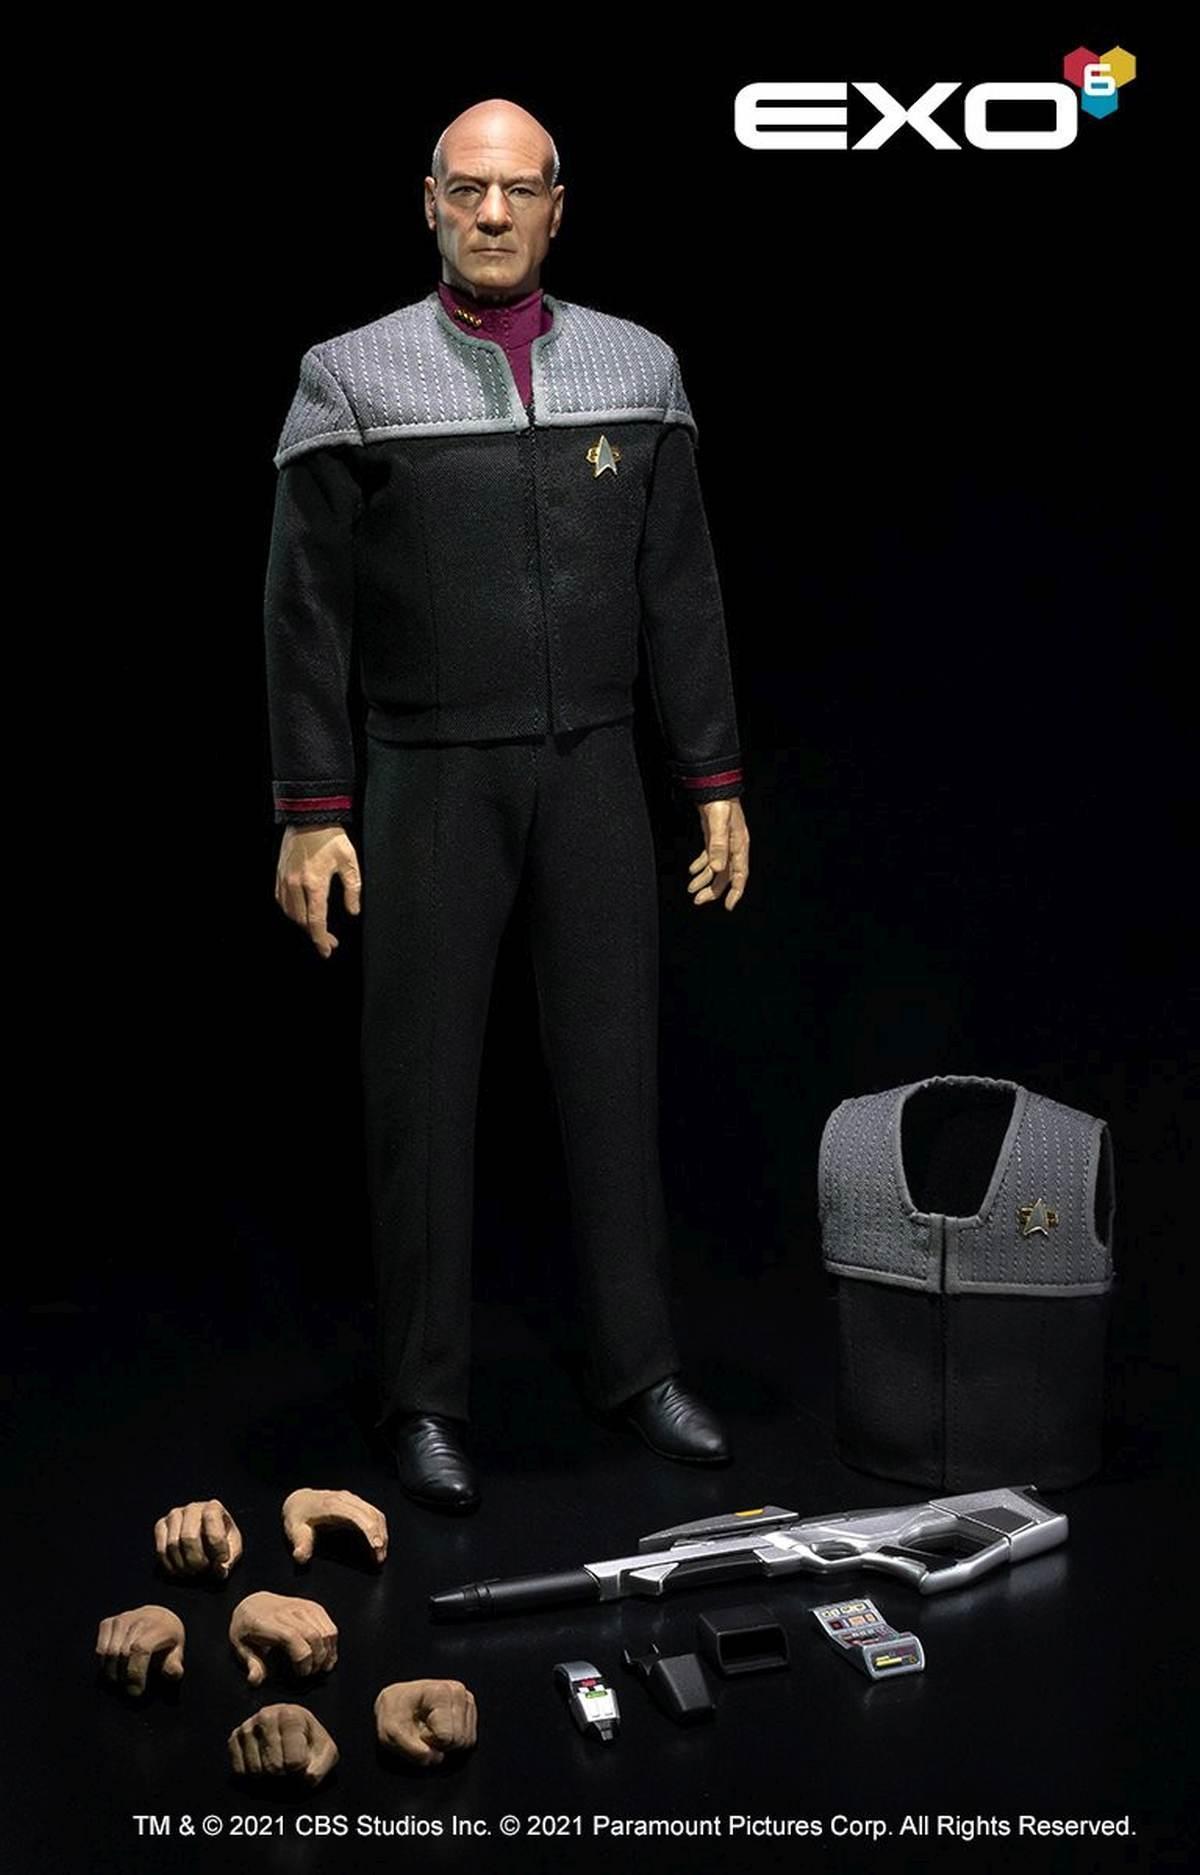 Star Trek First Contact Picard Exo 6 7